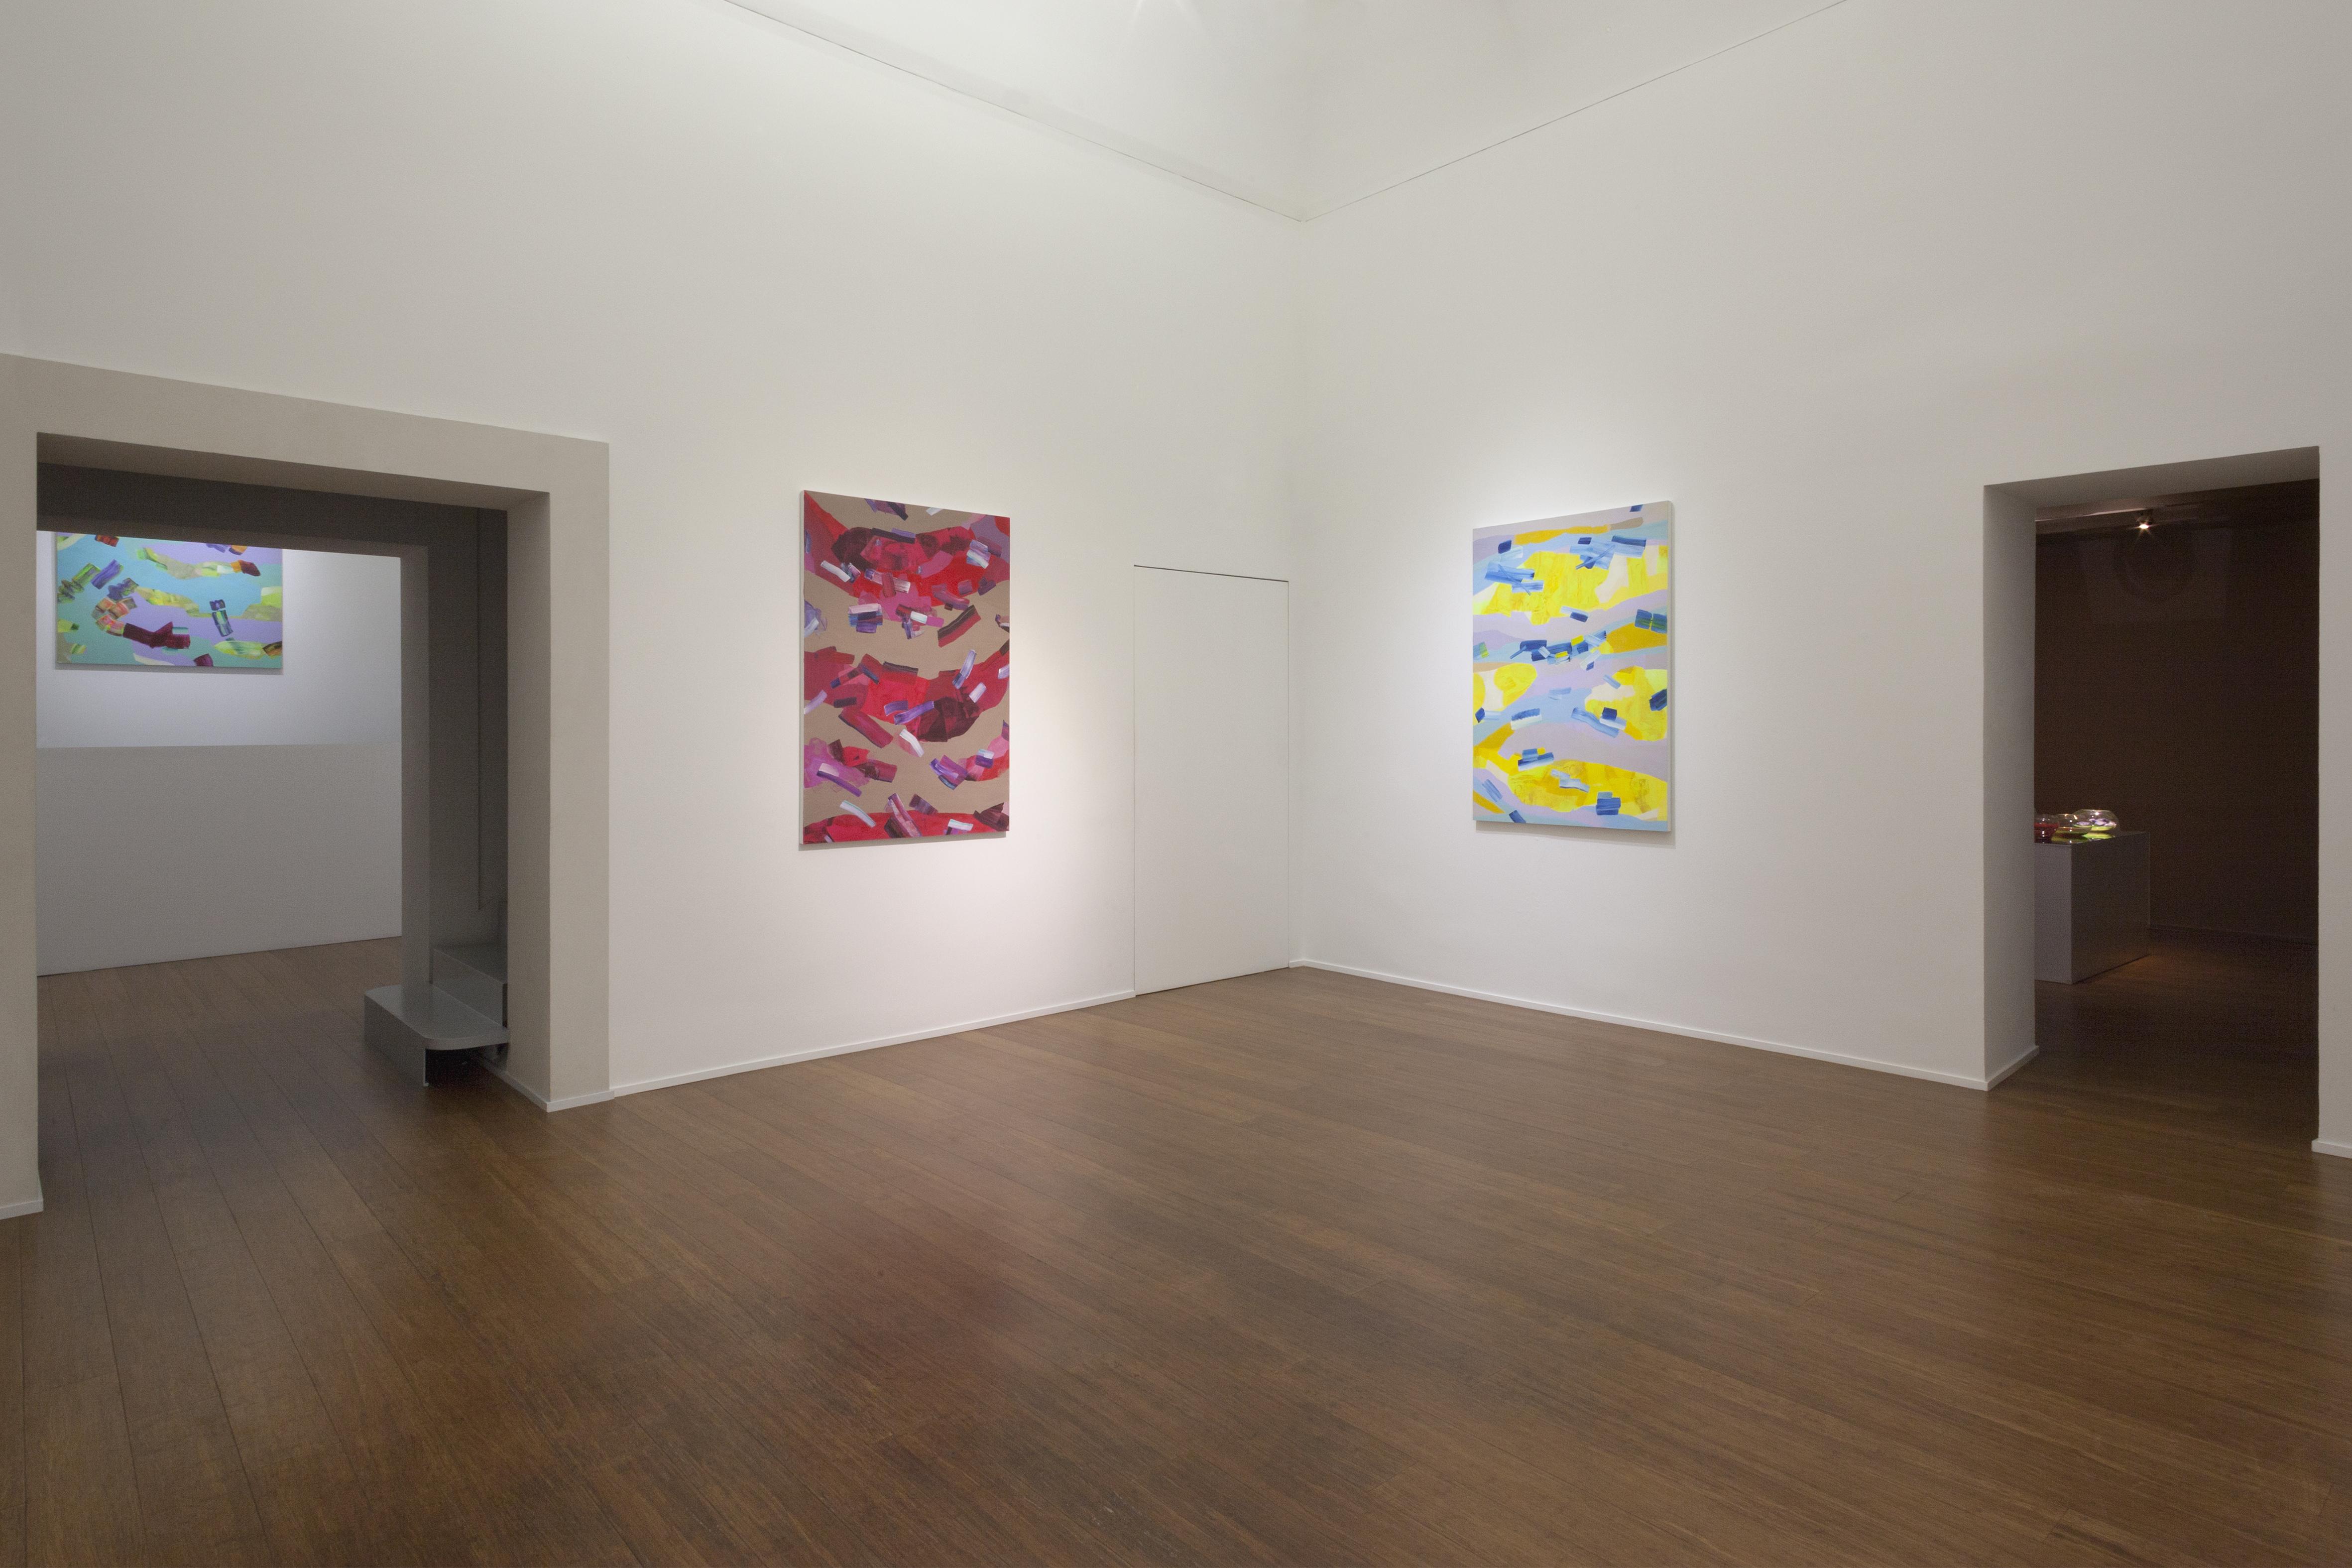 Isabella Nazzarri, Clinamen, allestimento sala Aria, mostra da ABC-ARTE Genova